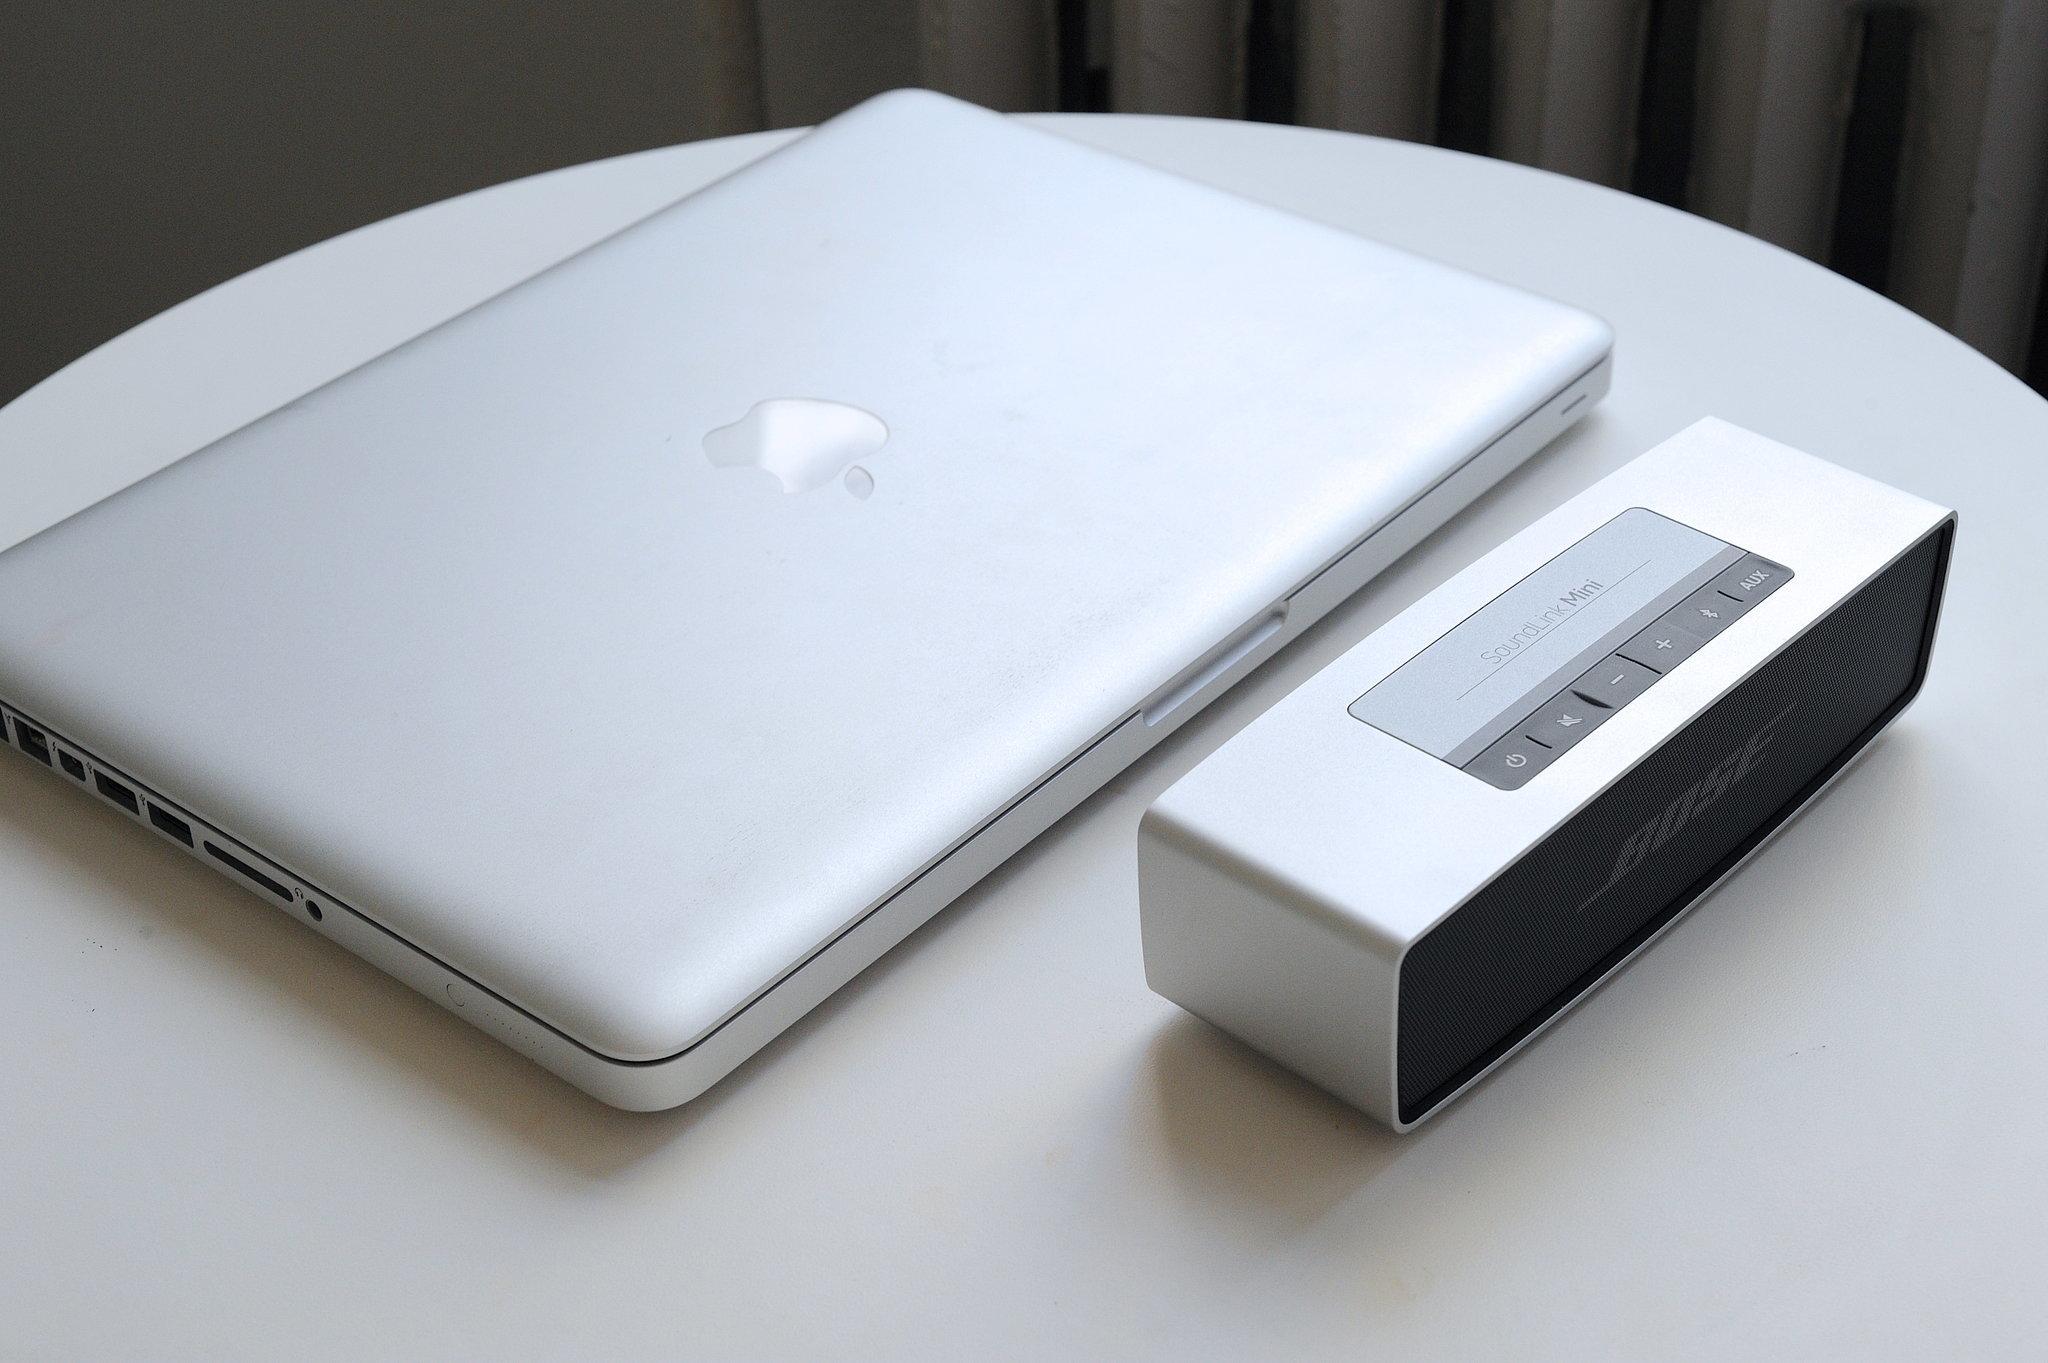 Apple-Inspired Design